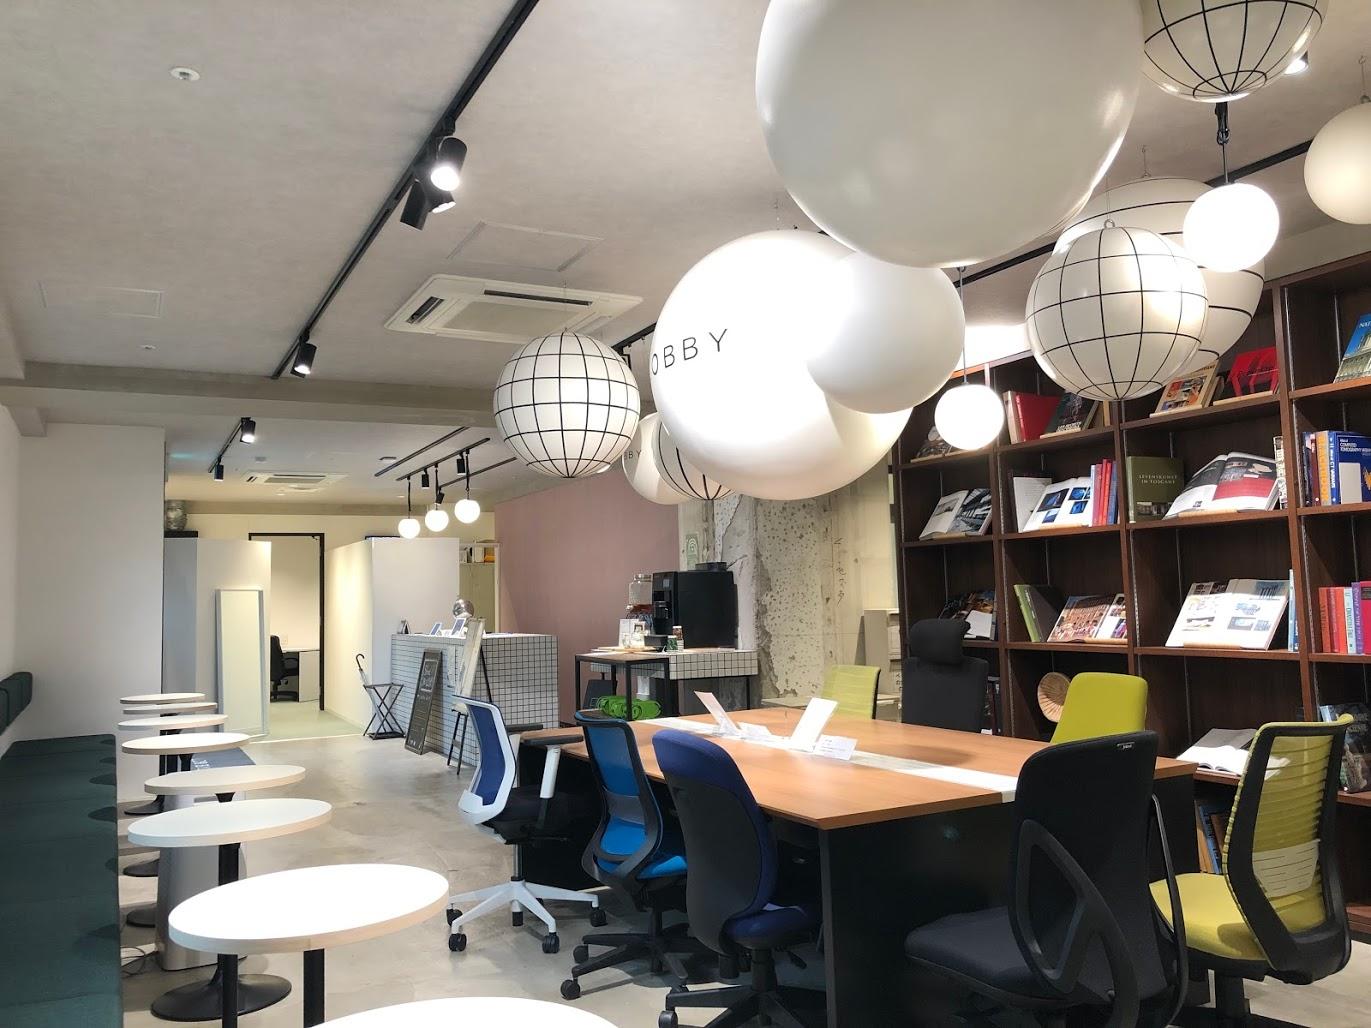 LOBBY_長堀橋コワーキングスペース_長堀鶴見緑地線_オフィス空間